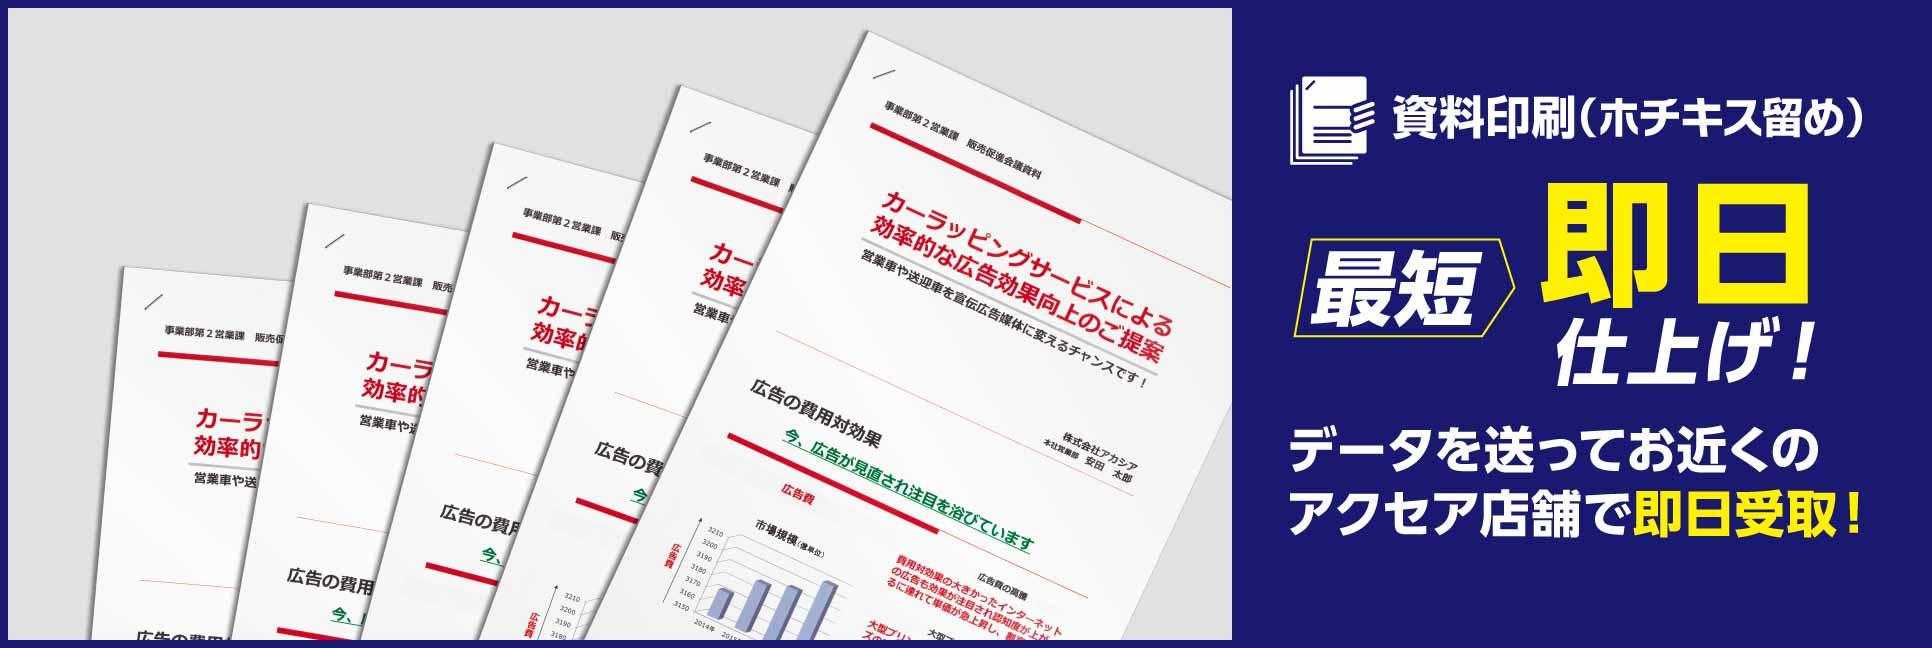 資料印刷(プリントアウト+ホチキス留め)